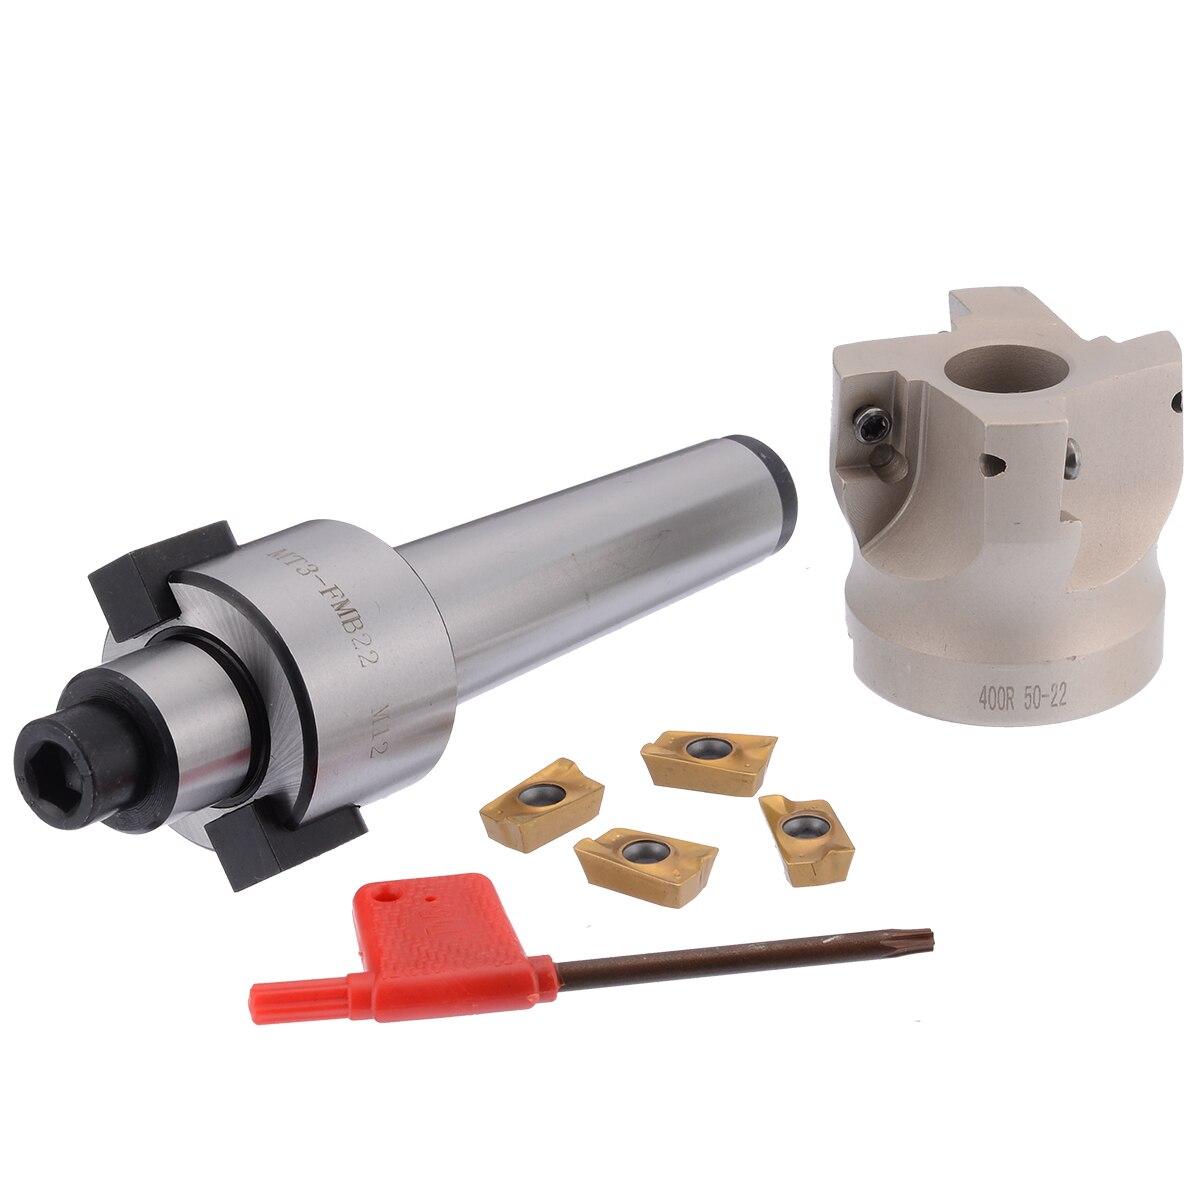 1 шт. MT3-FMB-Shank 50 мм уход за кожей лица концом ЧПУ измельчители + 4 APMT1604 подставки с гаечные ключи и коробка для пластины резка